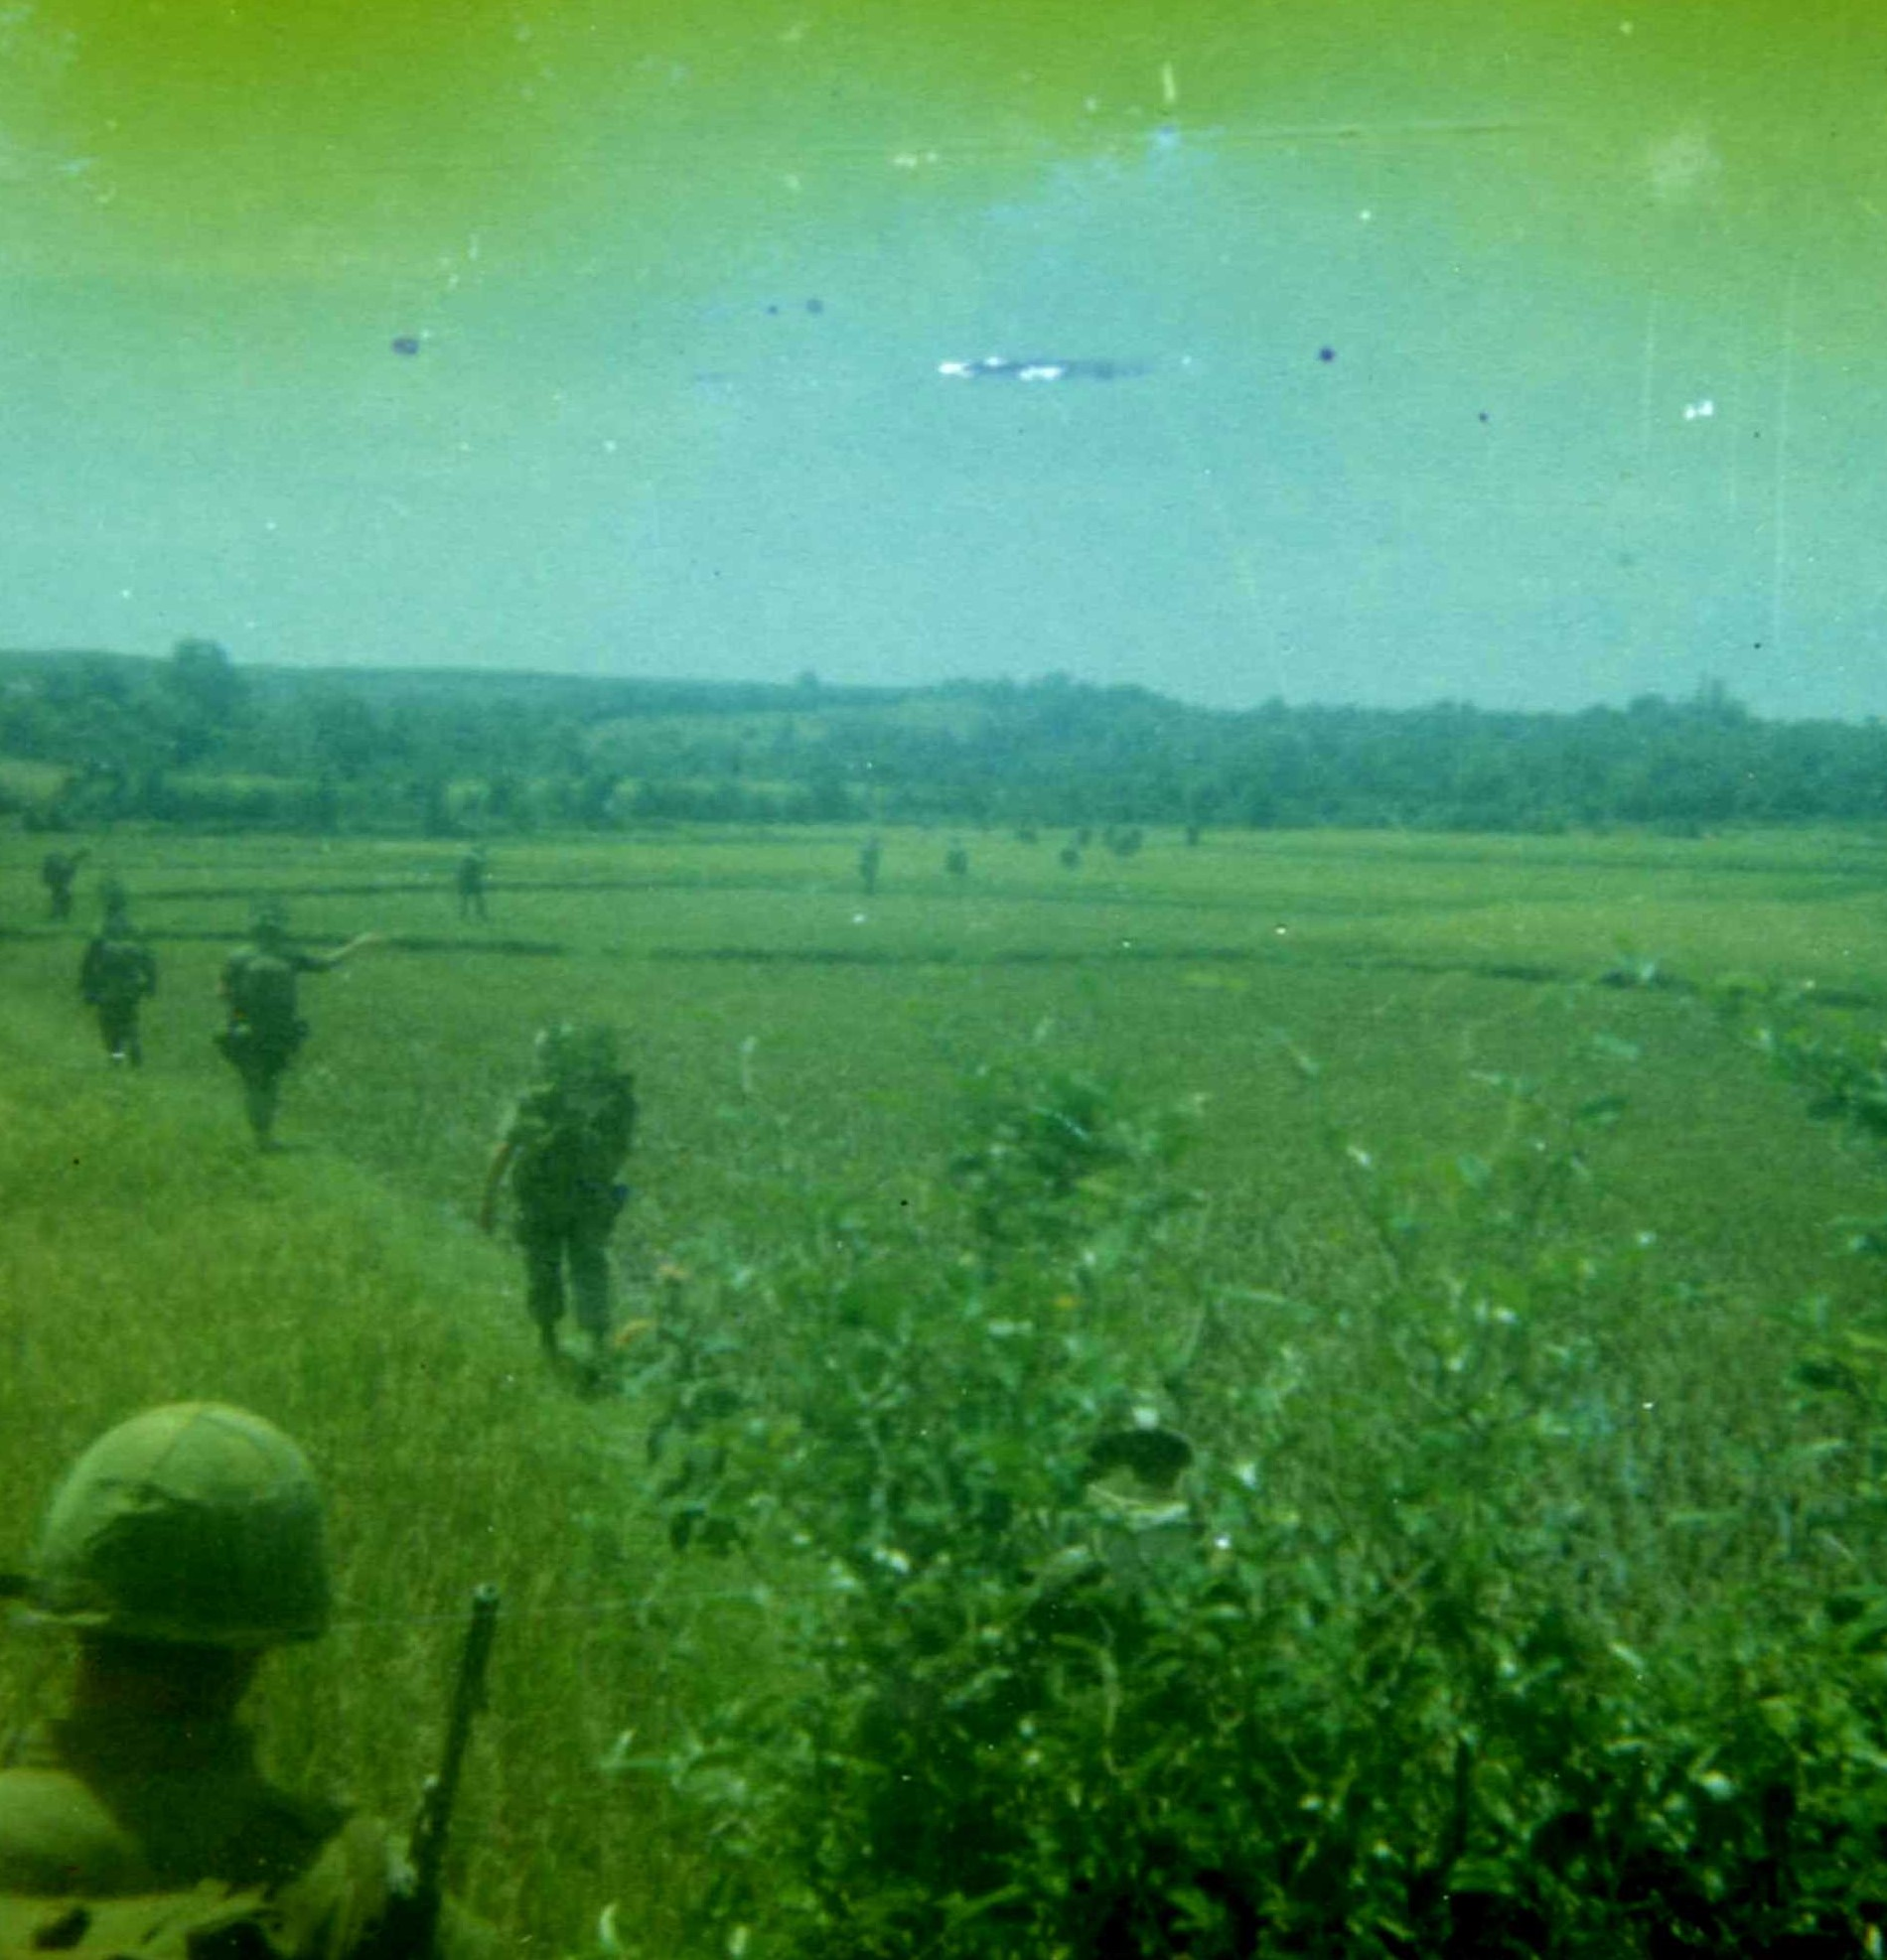 marines walking across a field